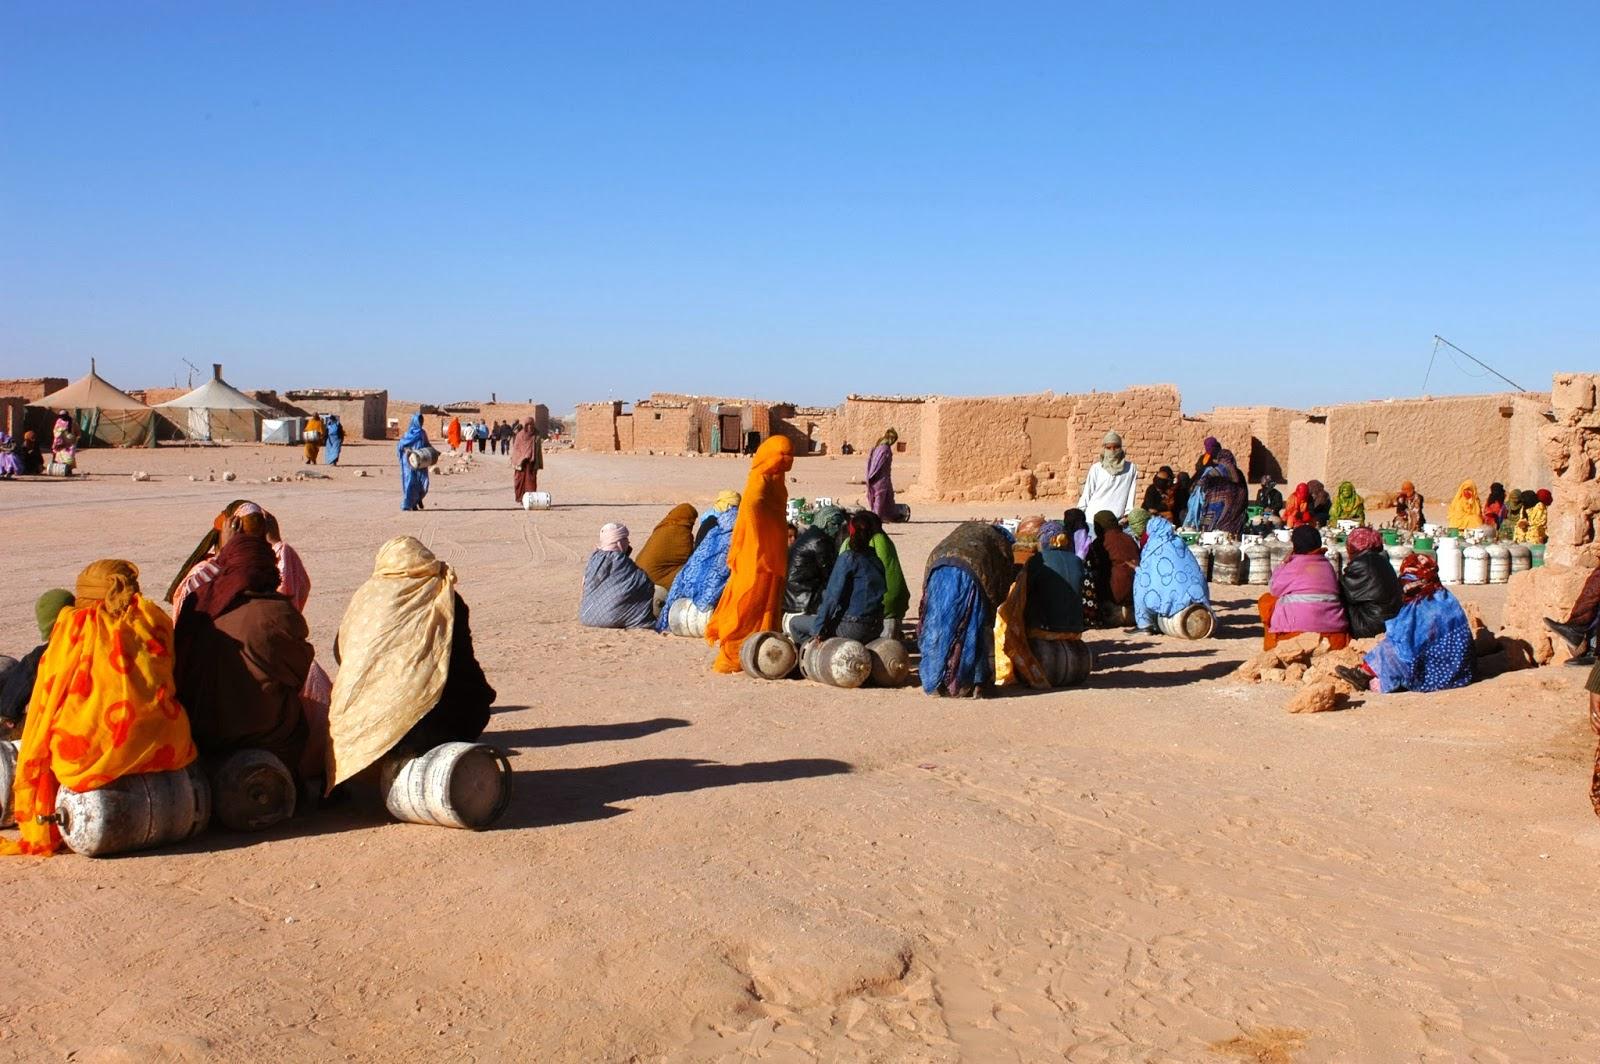 إغلاق مخيمات تندوف، ضرورة أمنية لا محيد عنها